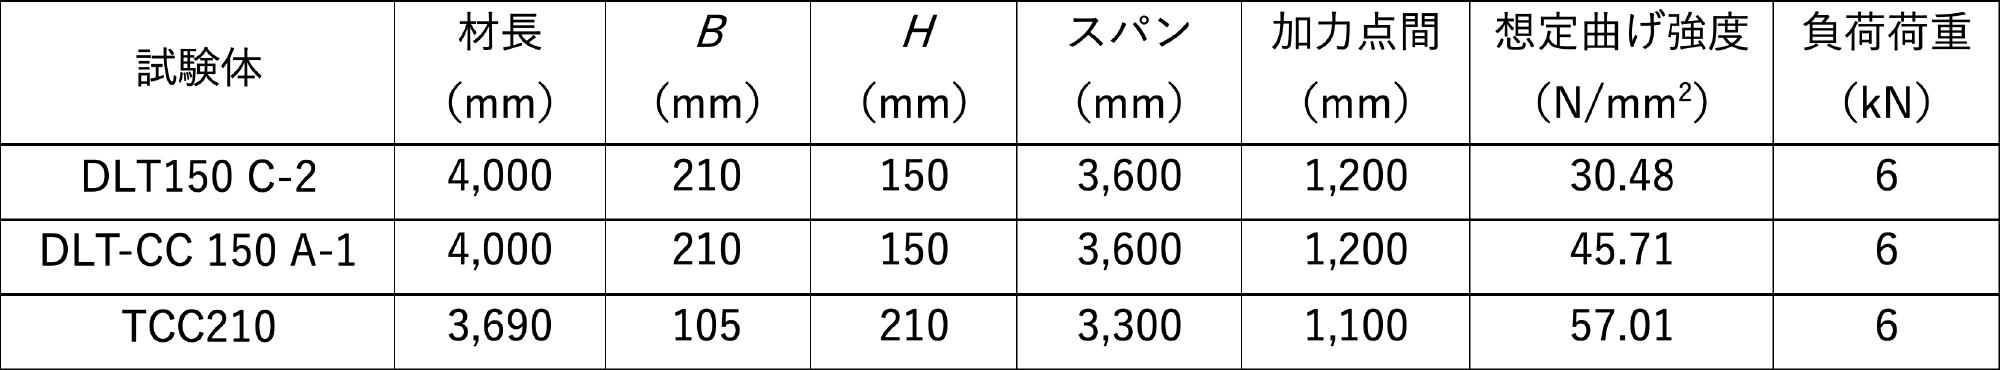 クリープ試験条件および負荷荷重